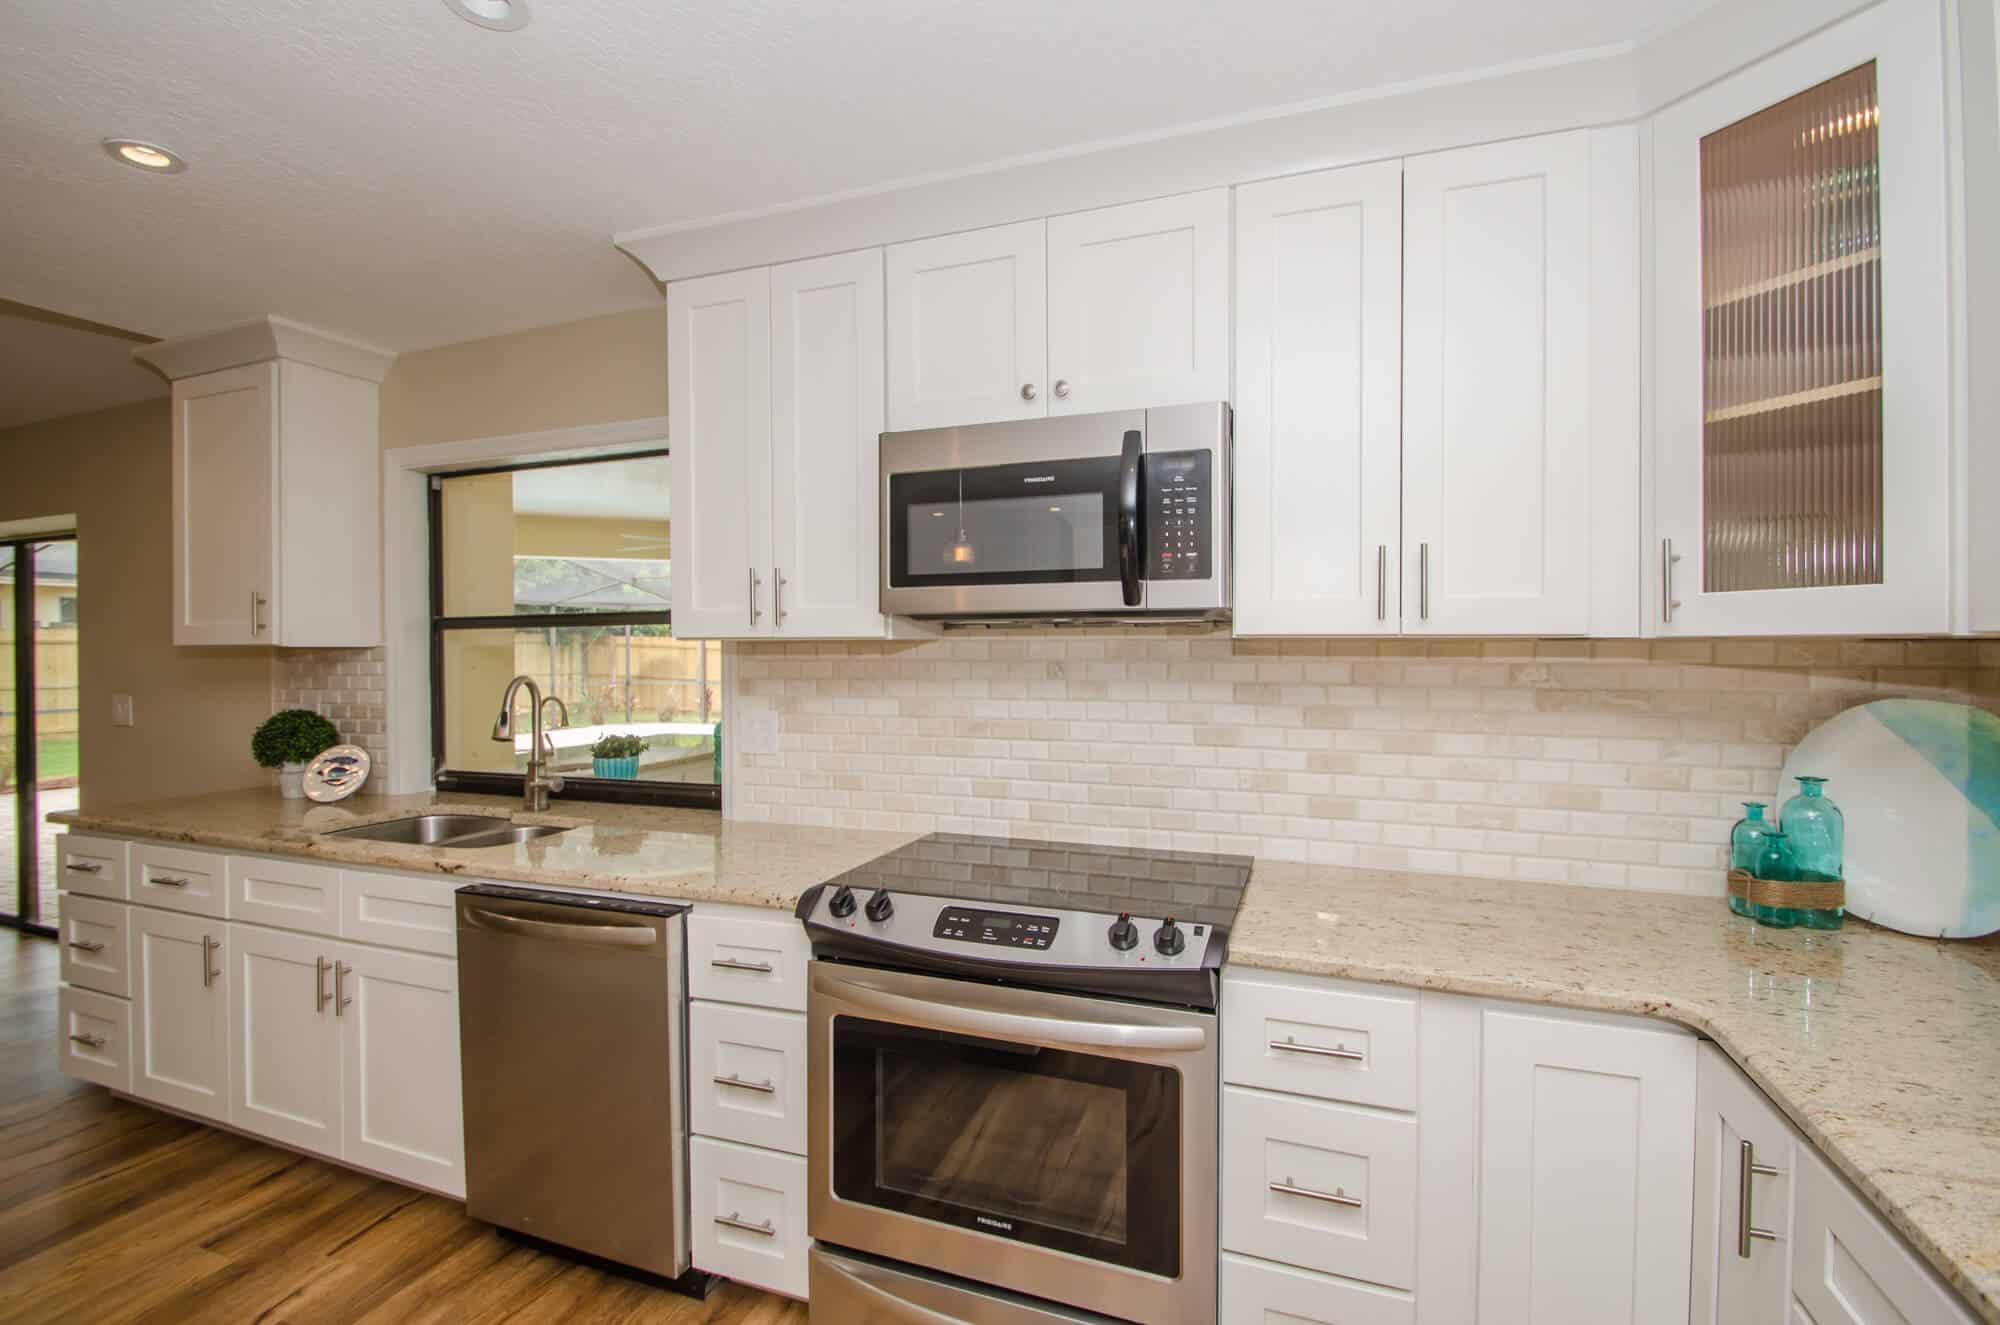 Kitchen-Remodel-with-Tile-Backsplash